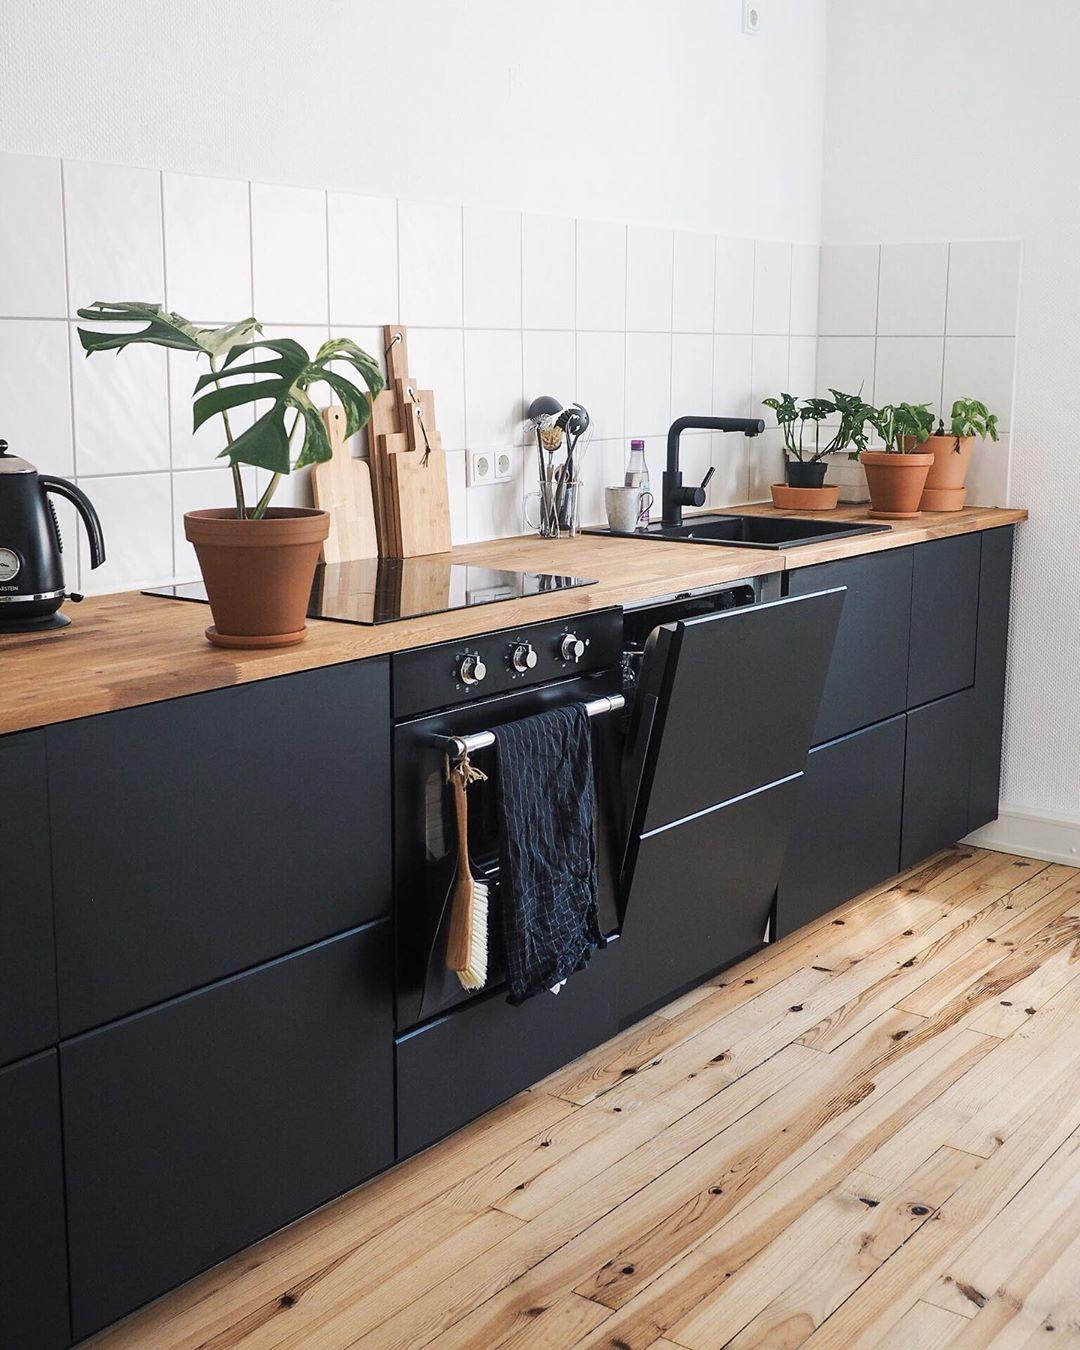 #kitchen #ikeakitchen #ikeaküche #meinikea #ikea #metod # ...